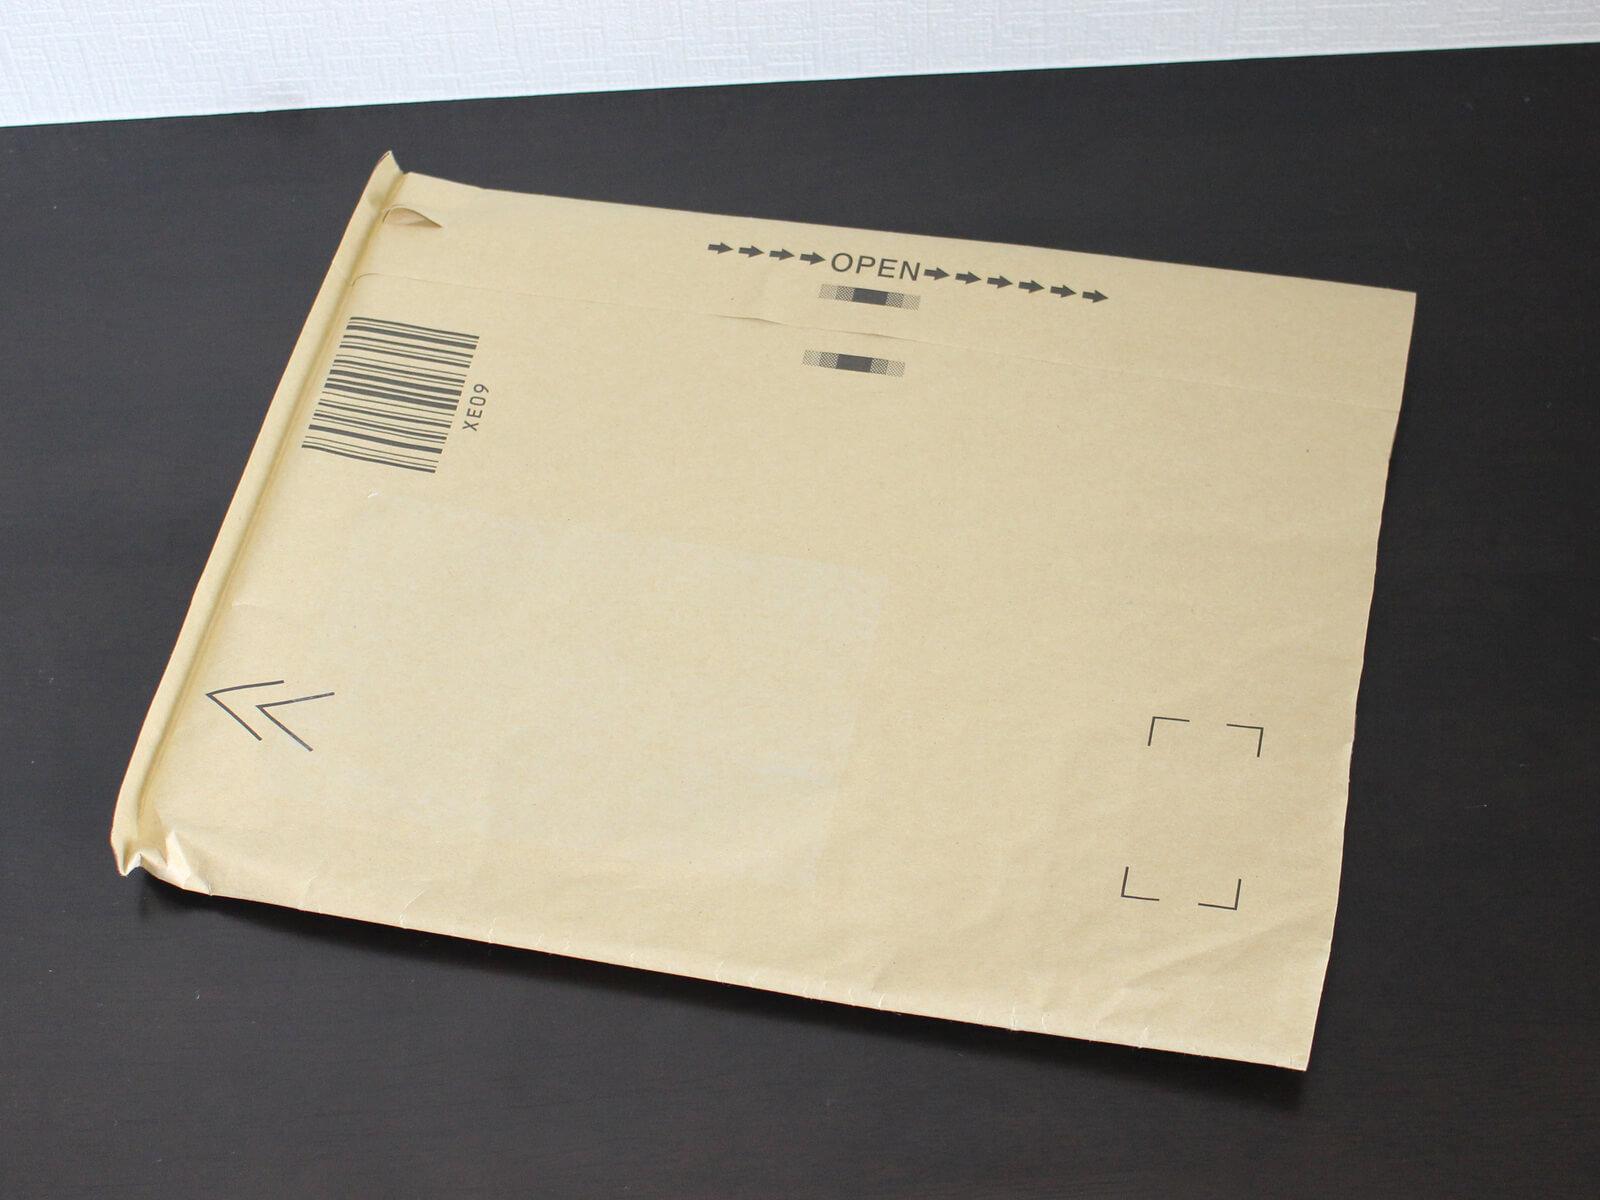 Amazonで本を買うと手に入るおなじみの梱包袋